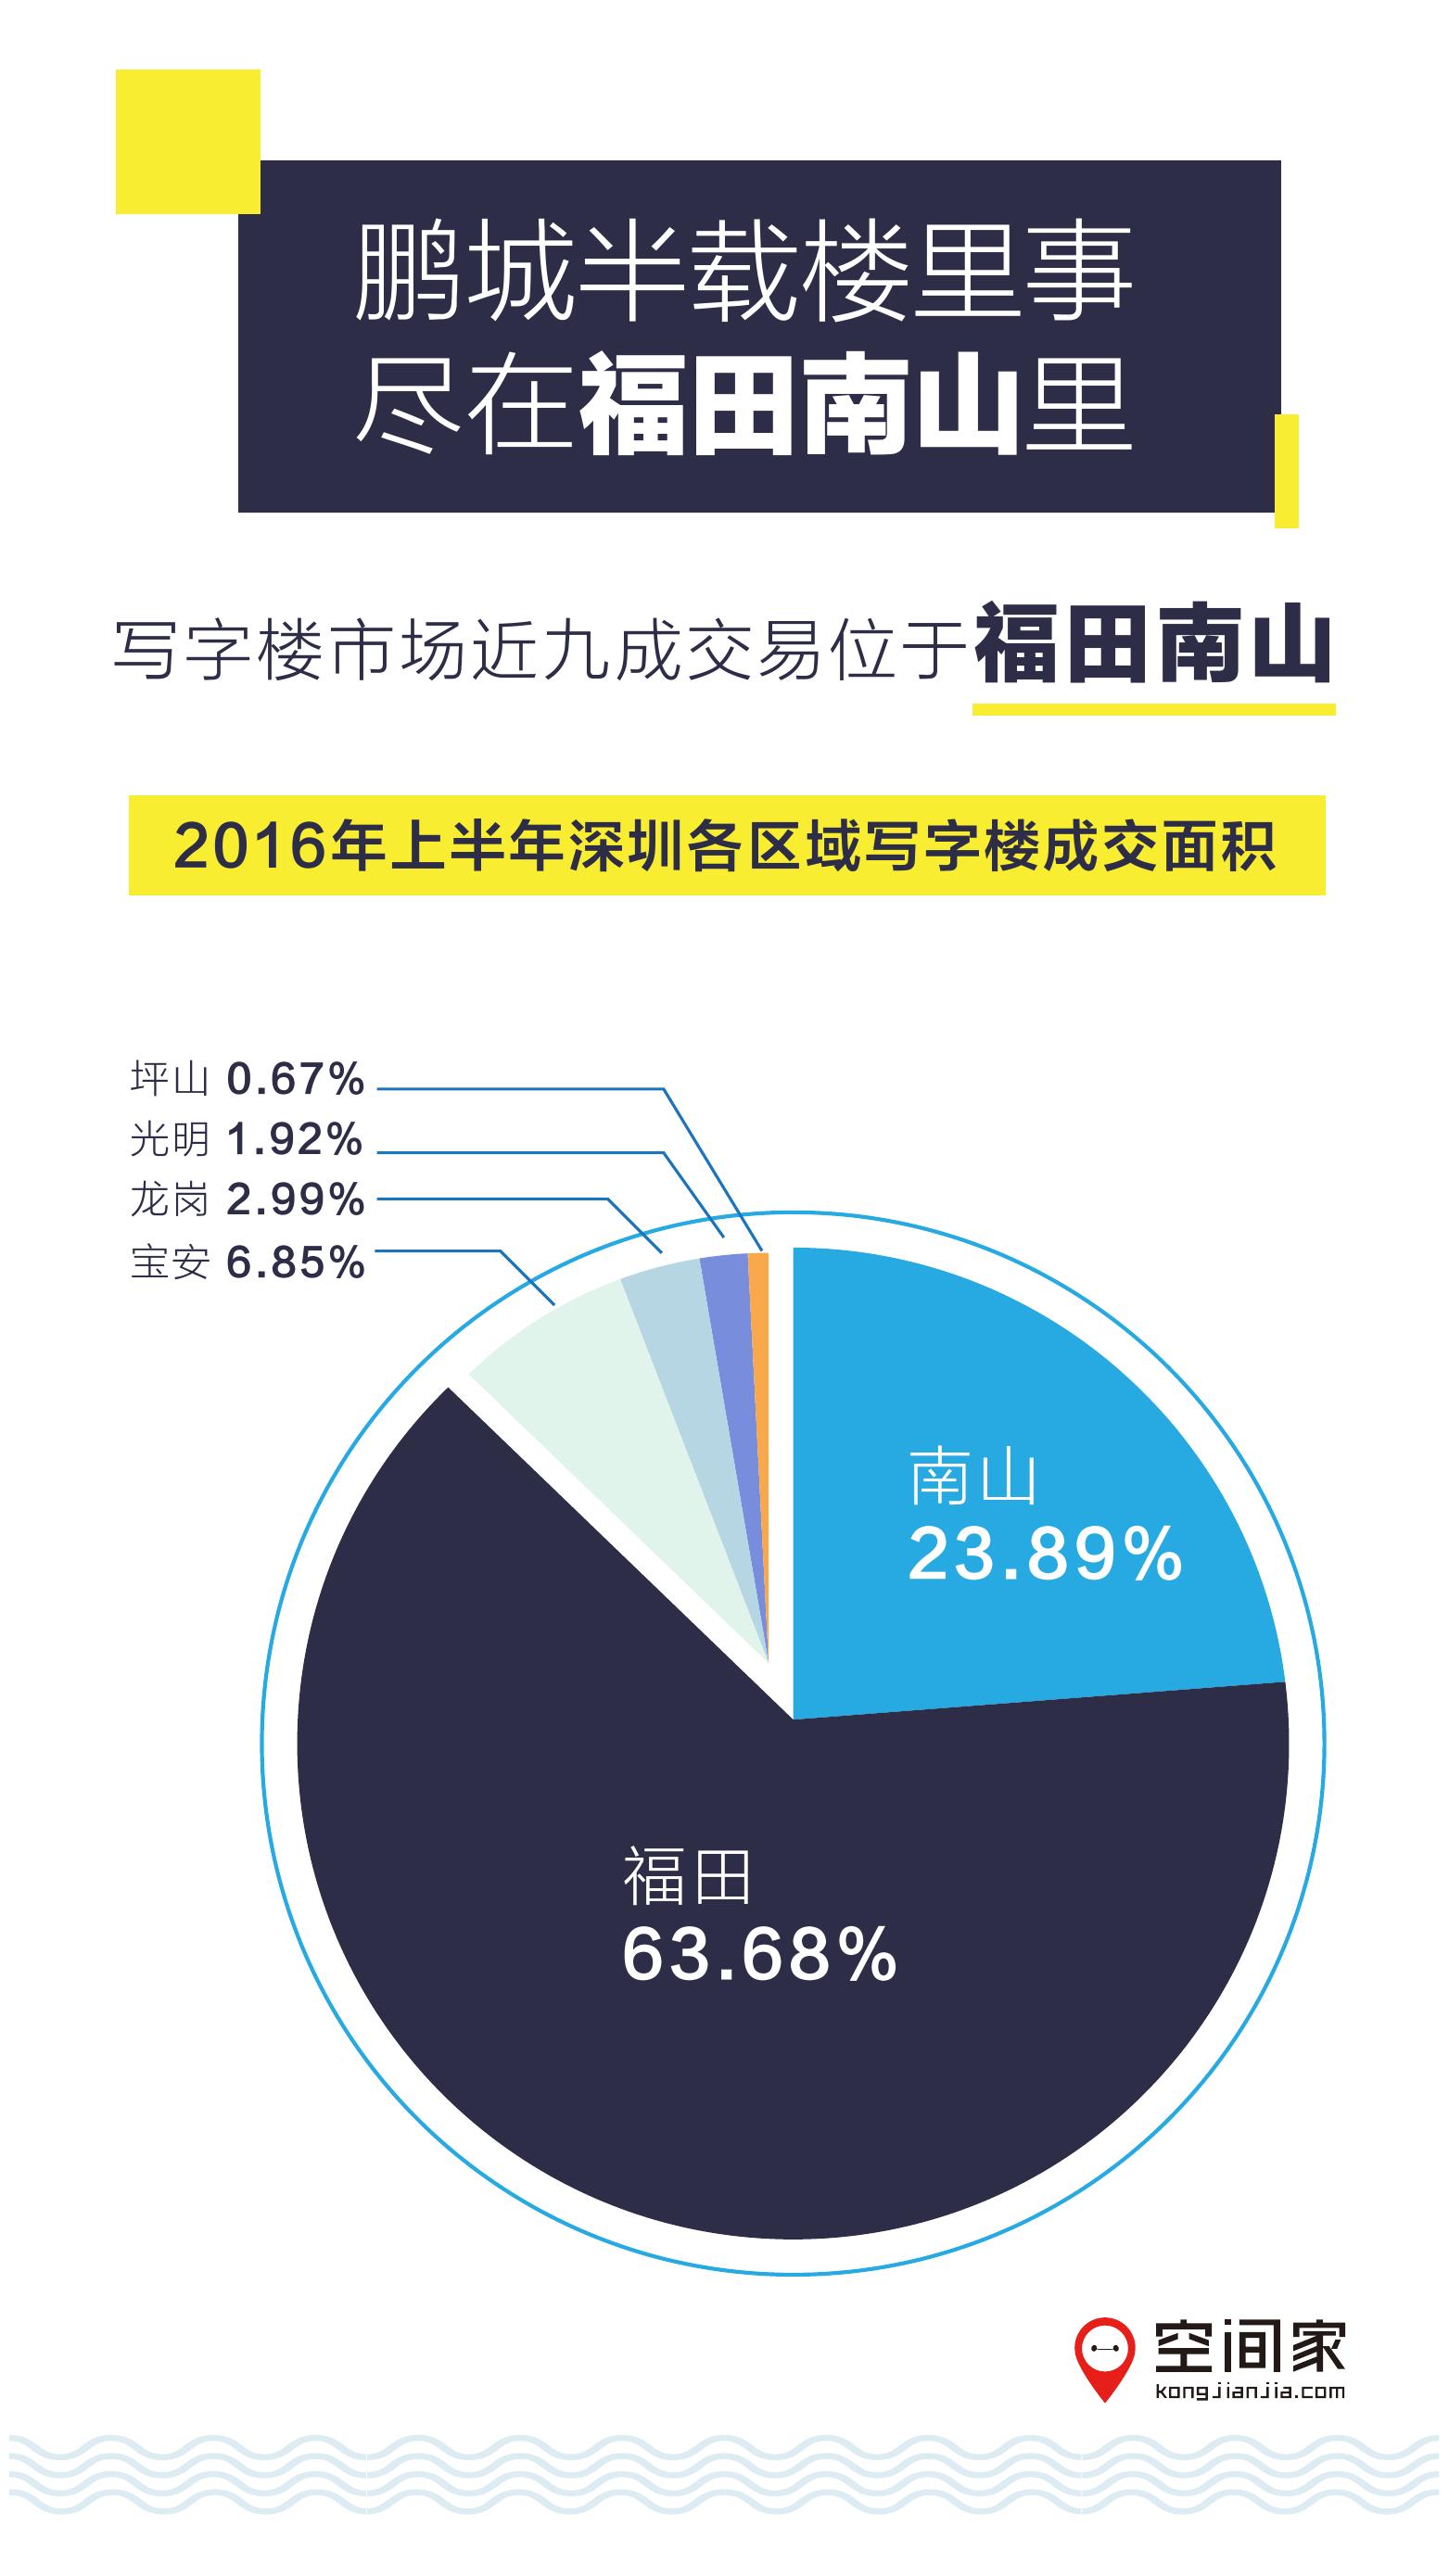 2016年半年度写字楼市场报告_000003